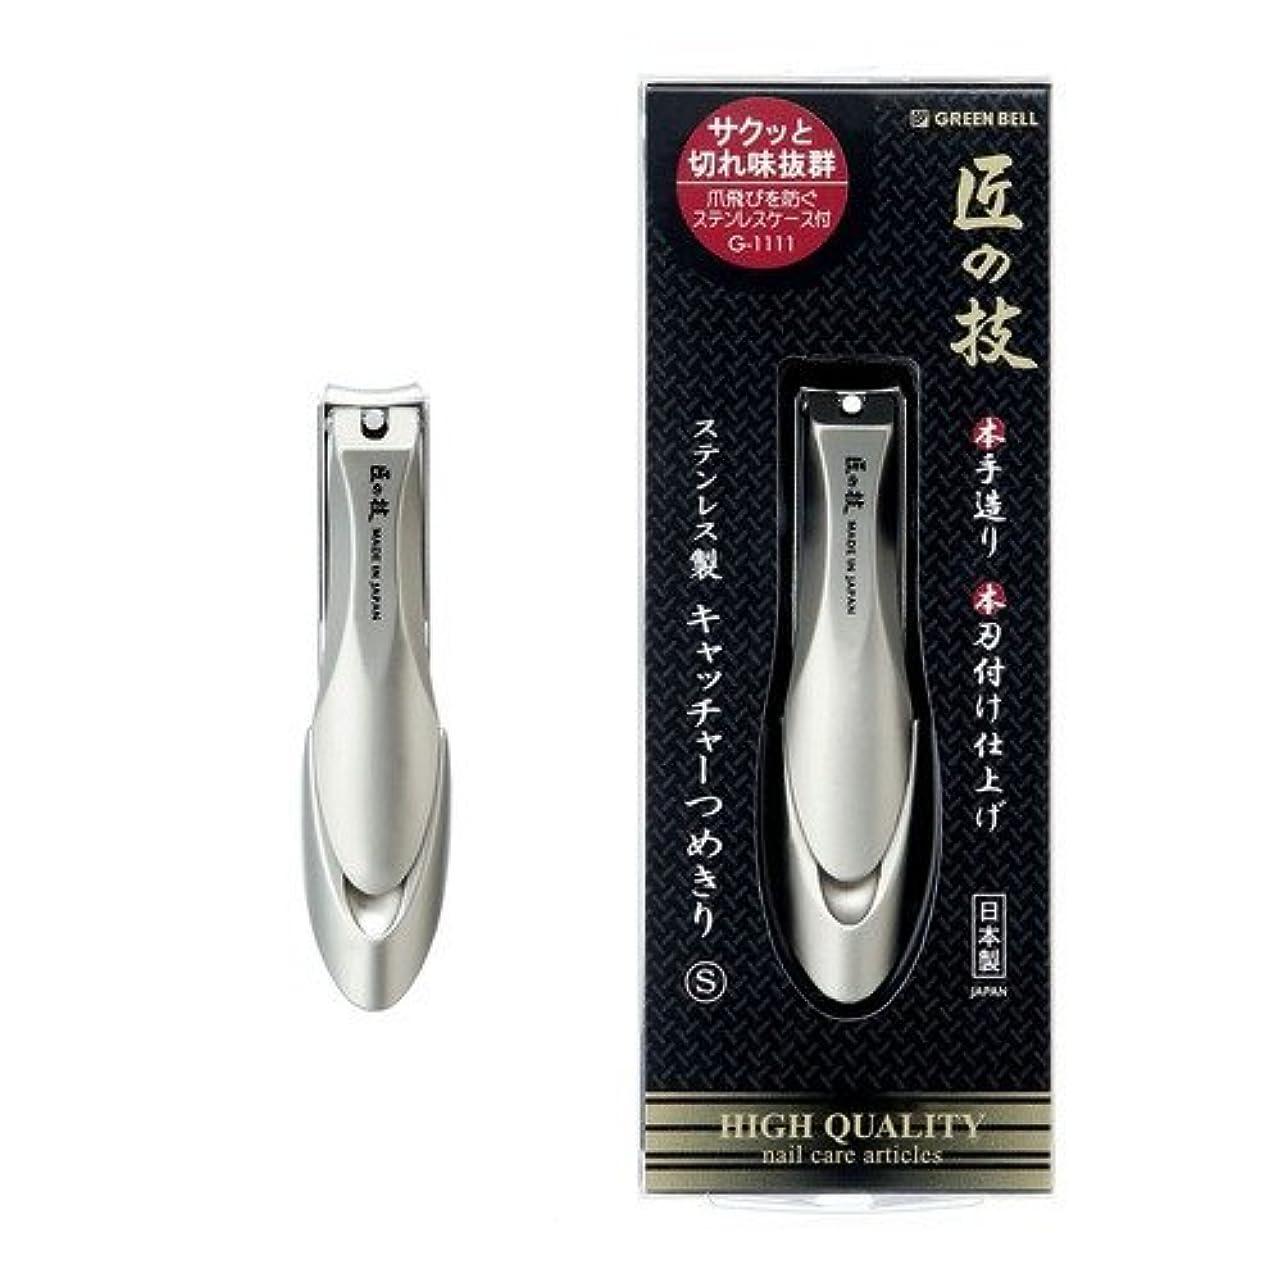 ポルノモットー資料匠の技 ステンレス製キャッチャー爪切り Sサイズ G-1111